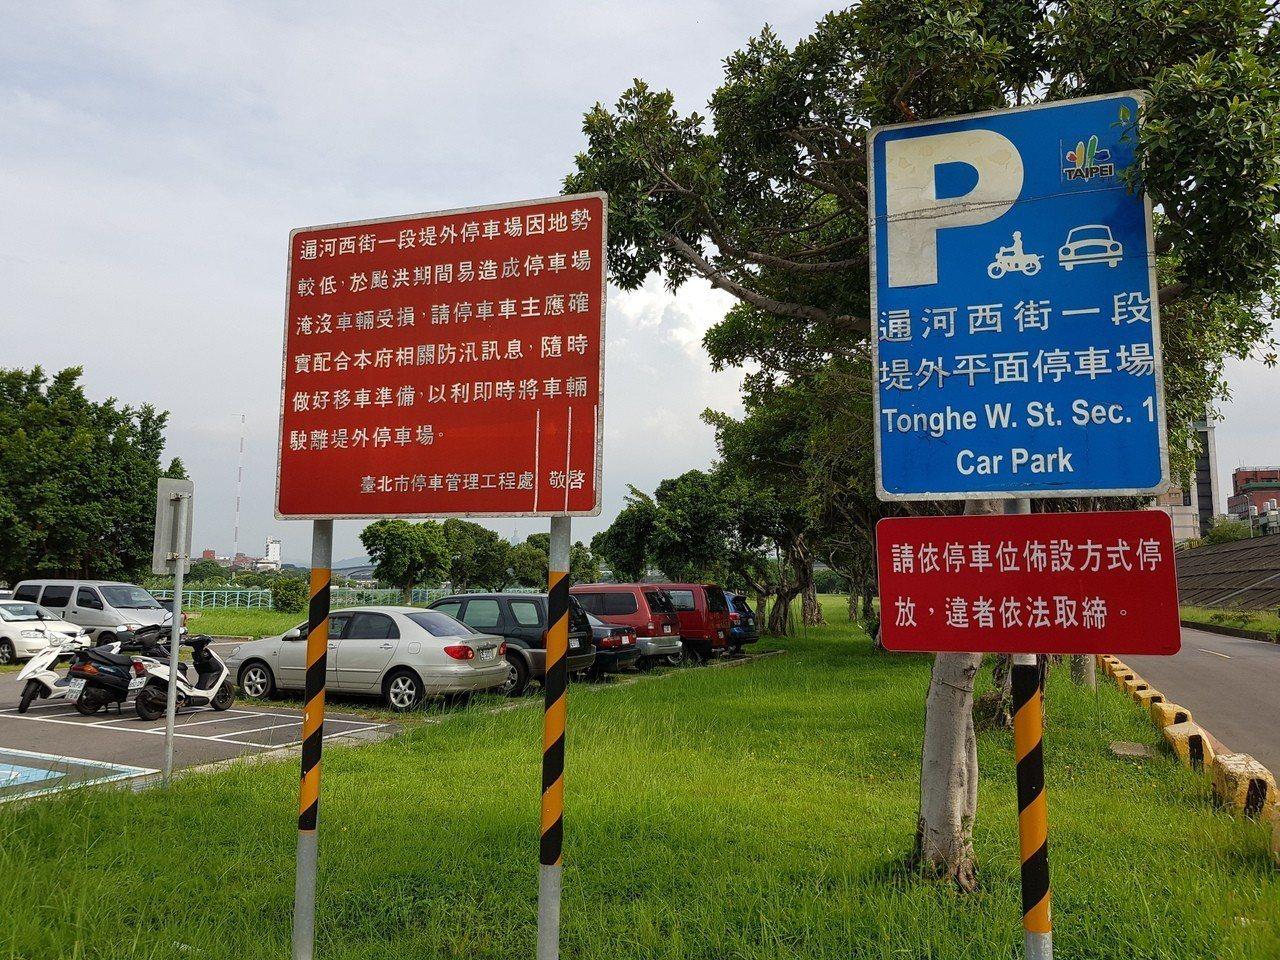 台北市交通局於士林區通河西街一段堤外平面停車場旁綠地設置首座公有機車練習場,今天...